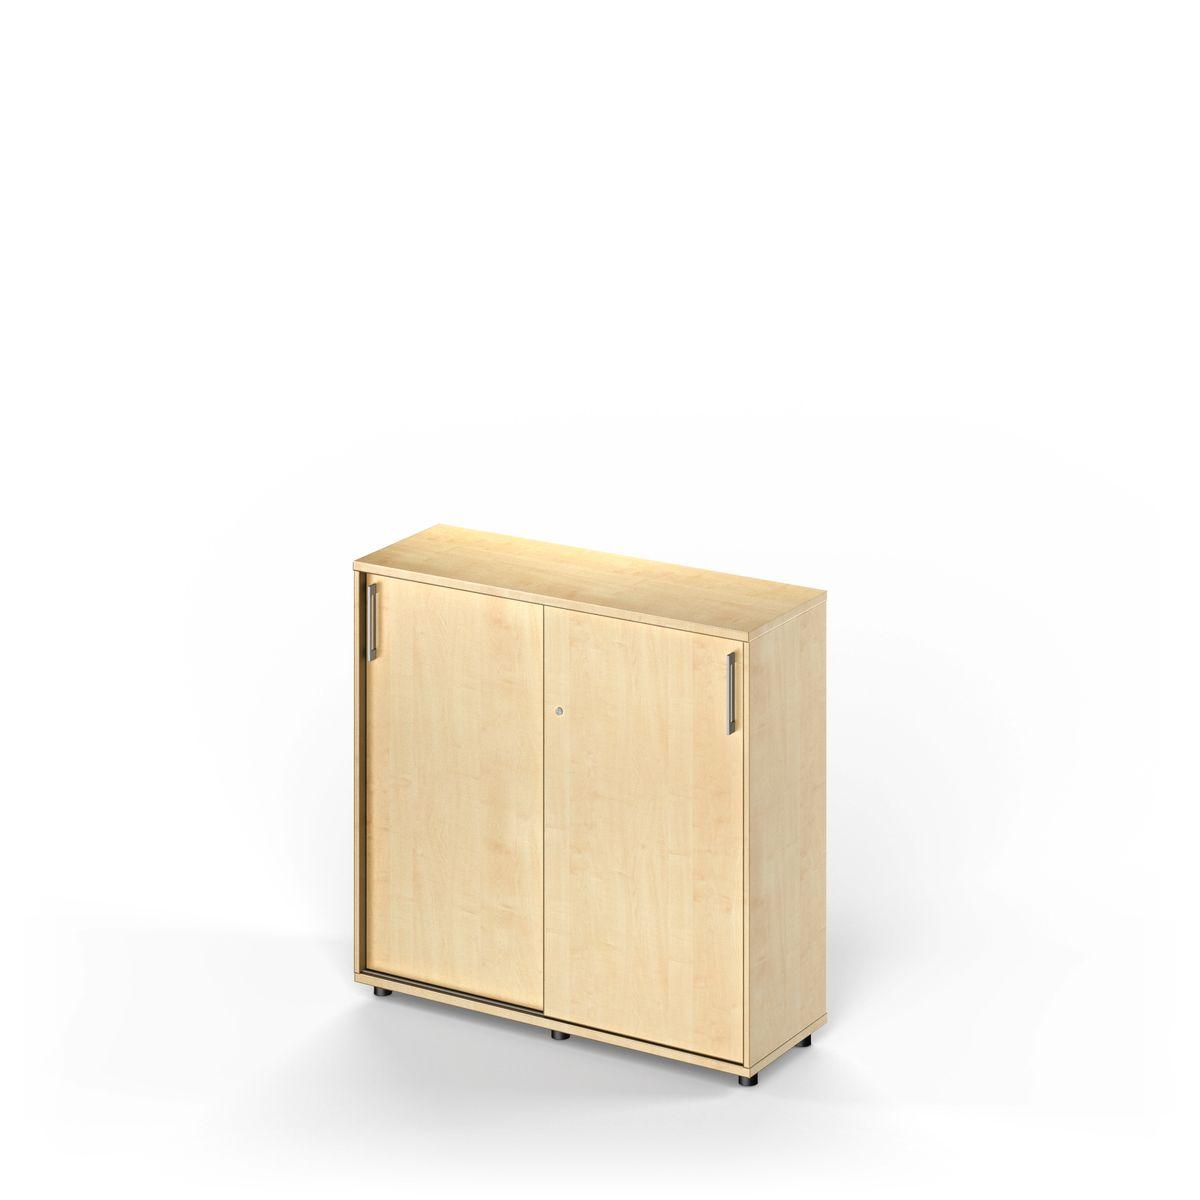 #9B7430 Armoire à Portes Coulissantes 3 HC Hauteur Avec Patins  1041 armoire portes coulissantes montage 1200x1200 px @ aertt.com